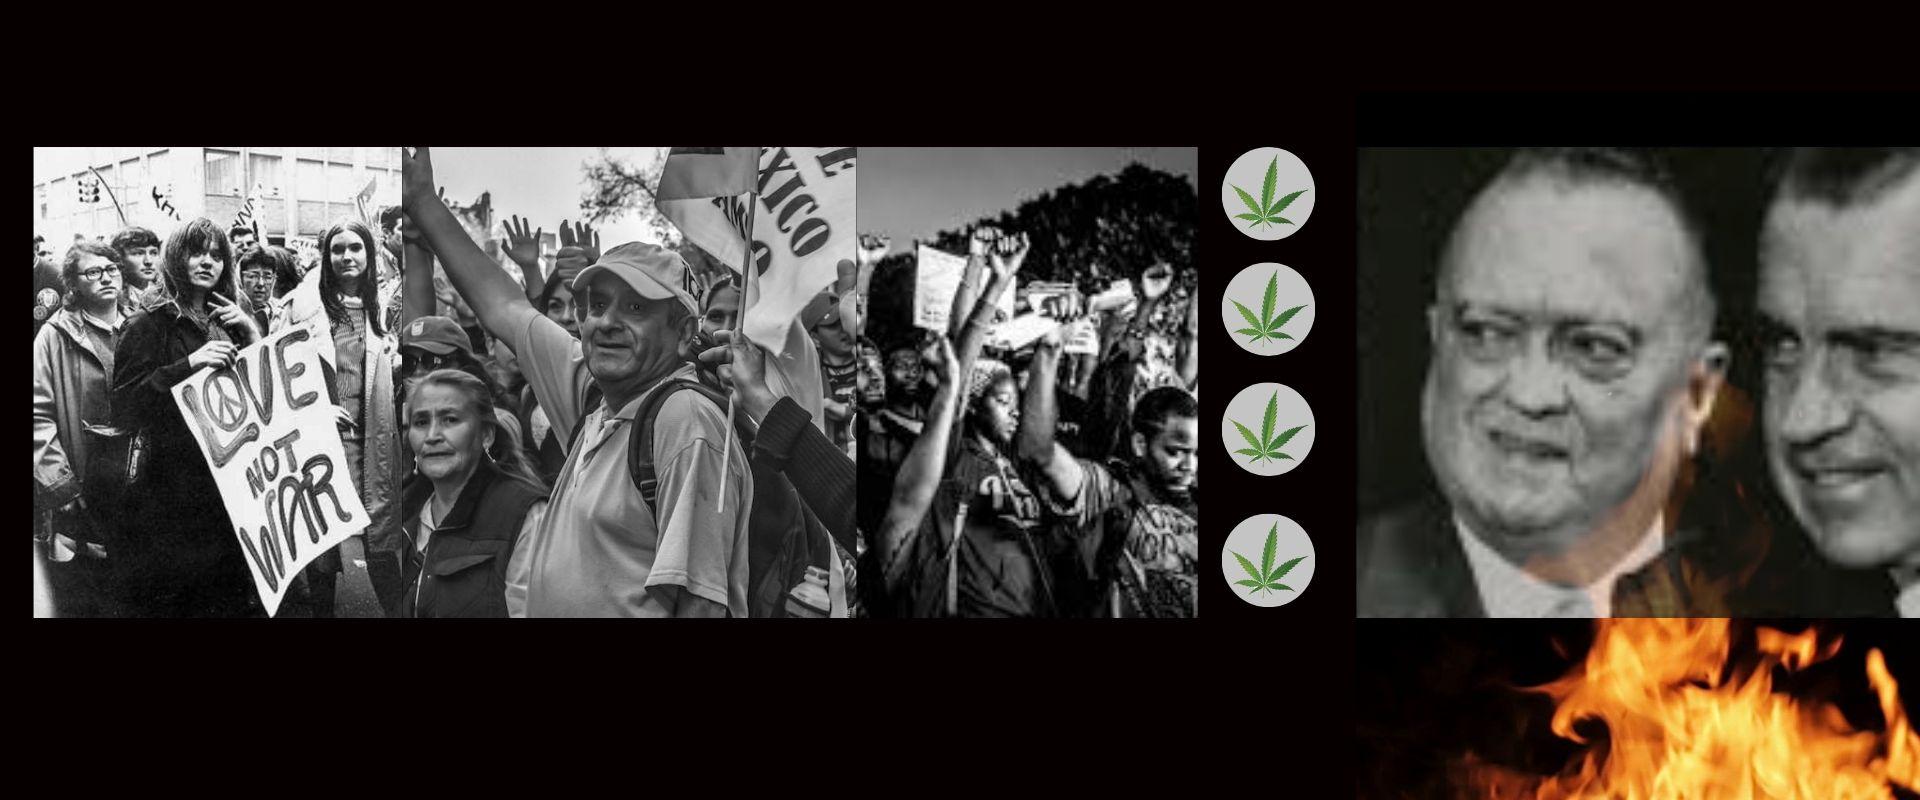 ¿Por qué el consumo de cannabis es ilegal? Una mirada a la historia de la prohibición de la marihuana